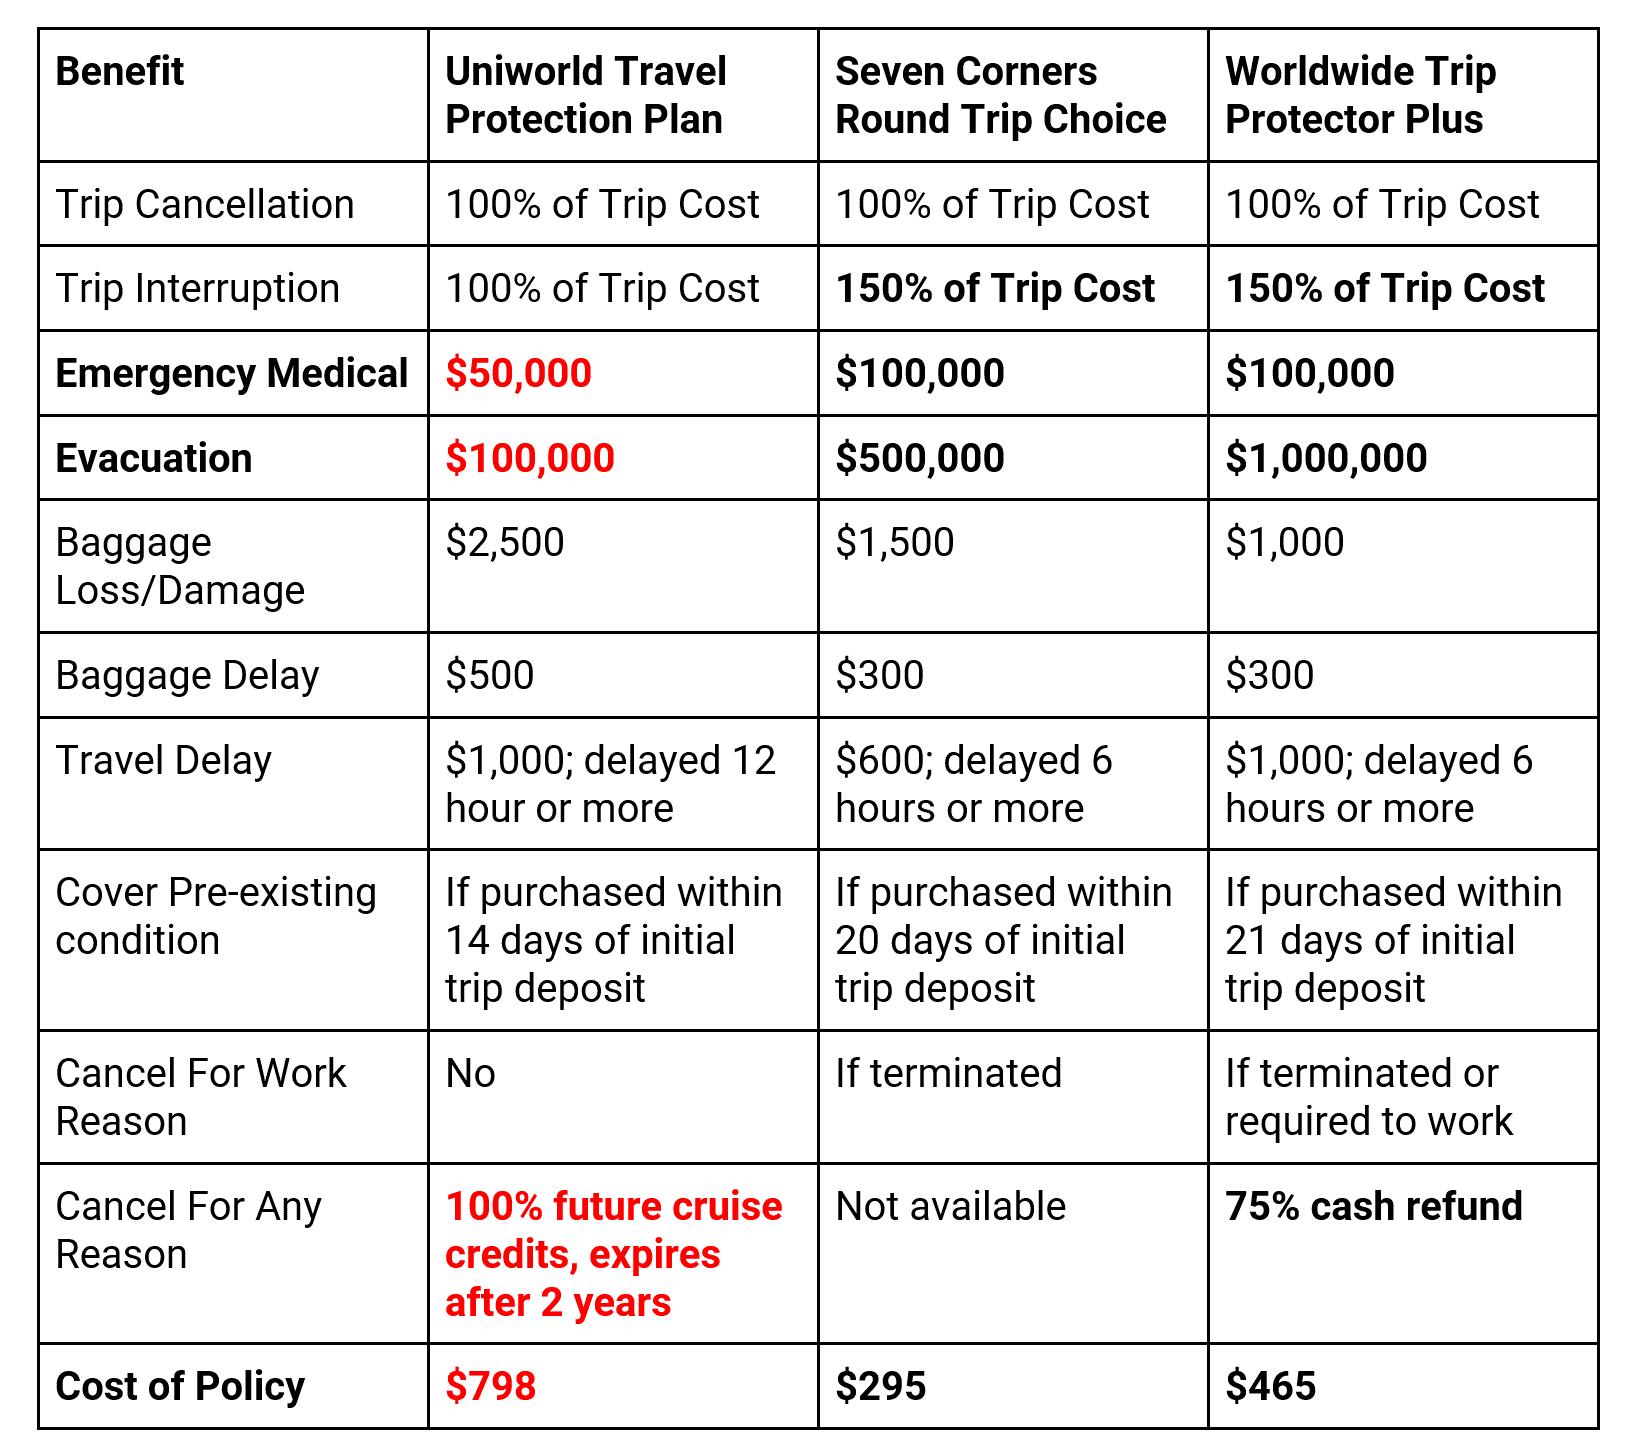 UniWolrd-River-Cruise-Comparison | AardvarkCompare.com